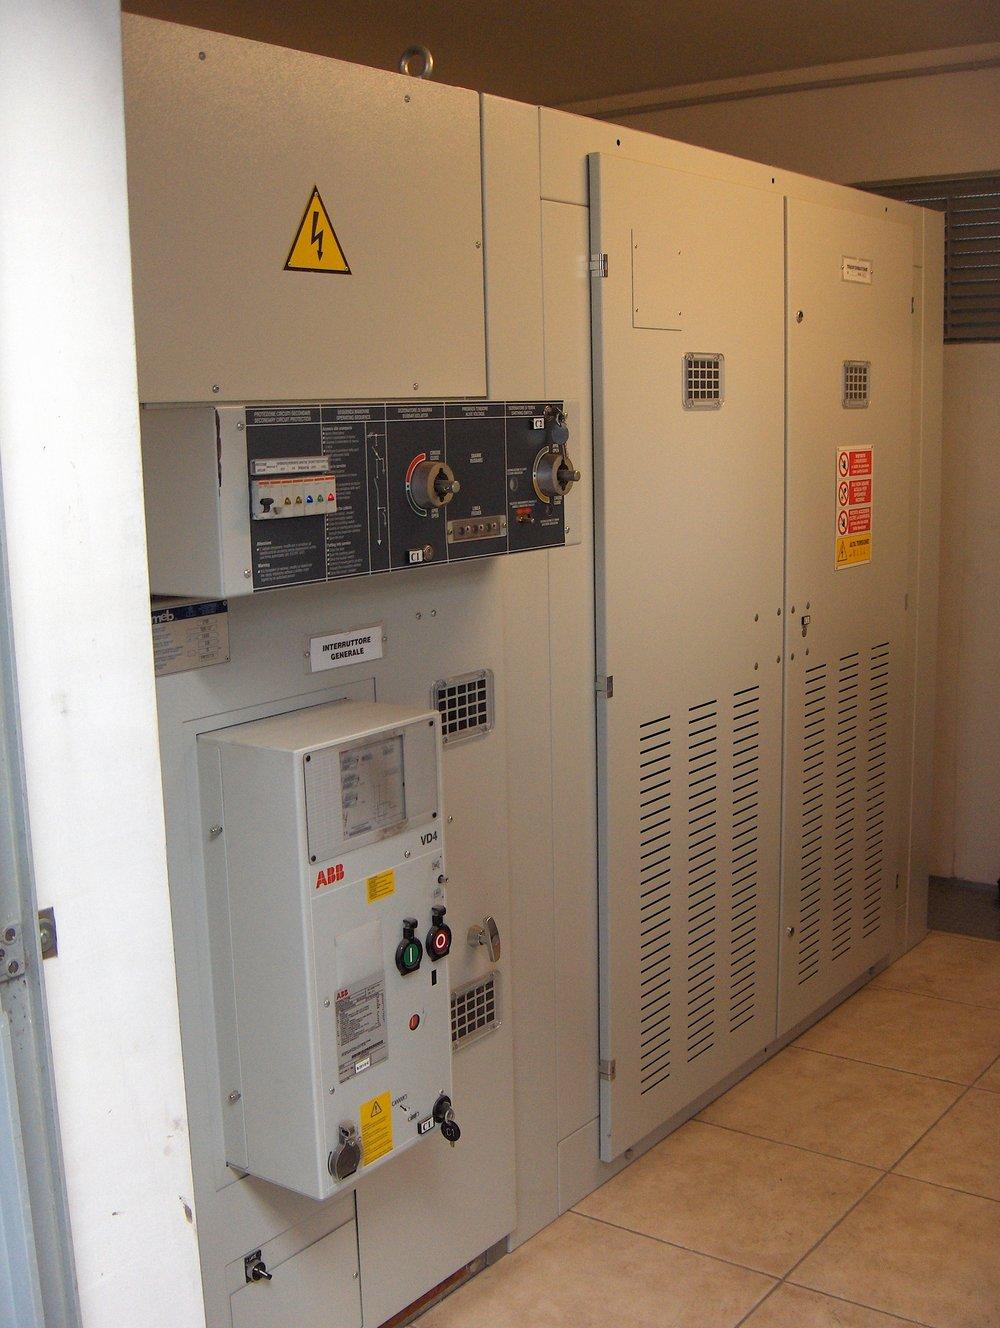 sirp impianti elettrici cabine elettriche cuneo cherasco piemonte progettazione installazione manutenzione sistemi elettriciHPIM3861.JPG